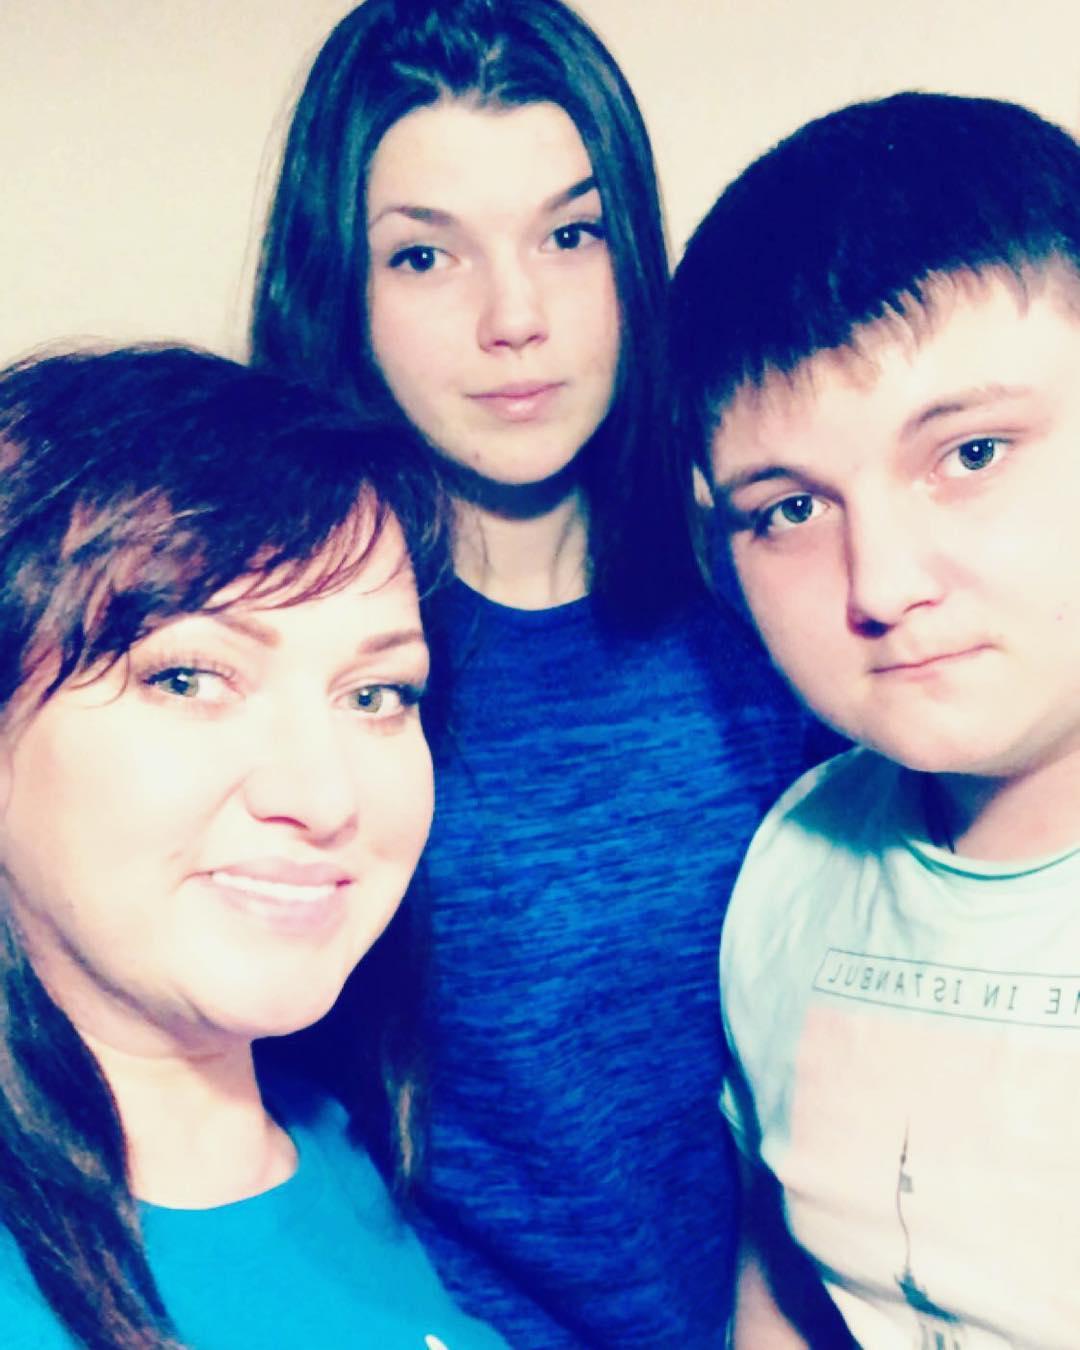 Редкие кадры: Ольга Картункова впервые за долгое время решилась показать заметно подросших детей